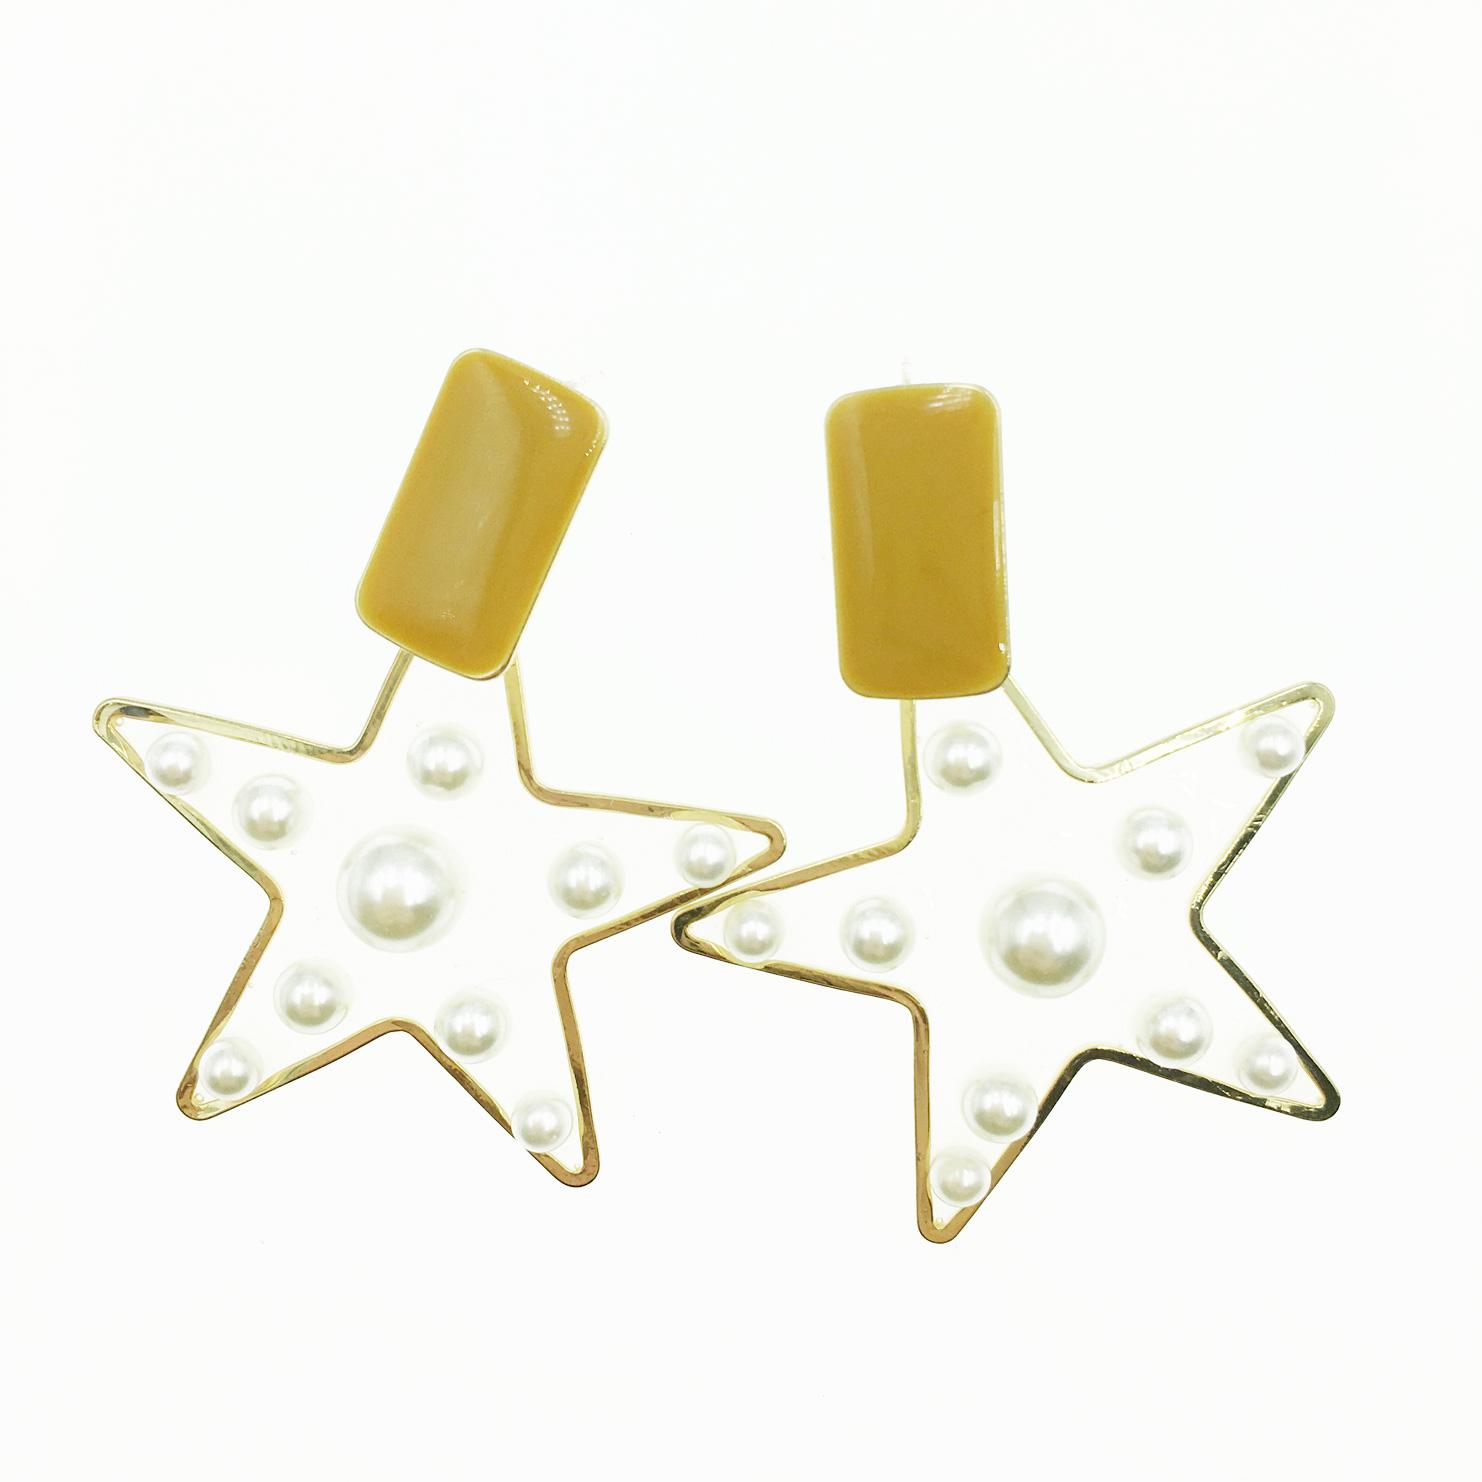 韓國 925純銀 素色長方形 大星星 夾心珍珠 垂墜感 耳針式耳環